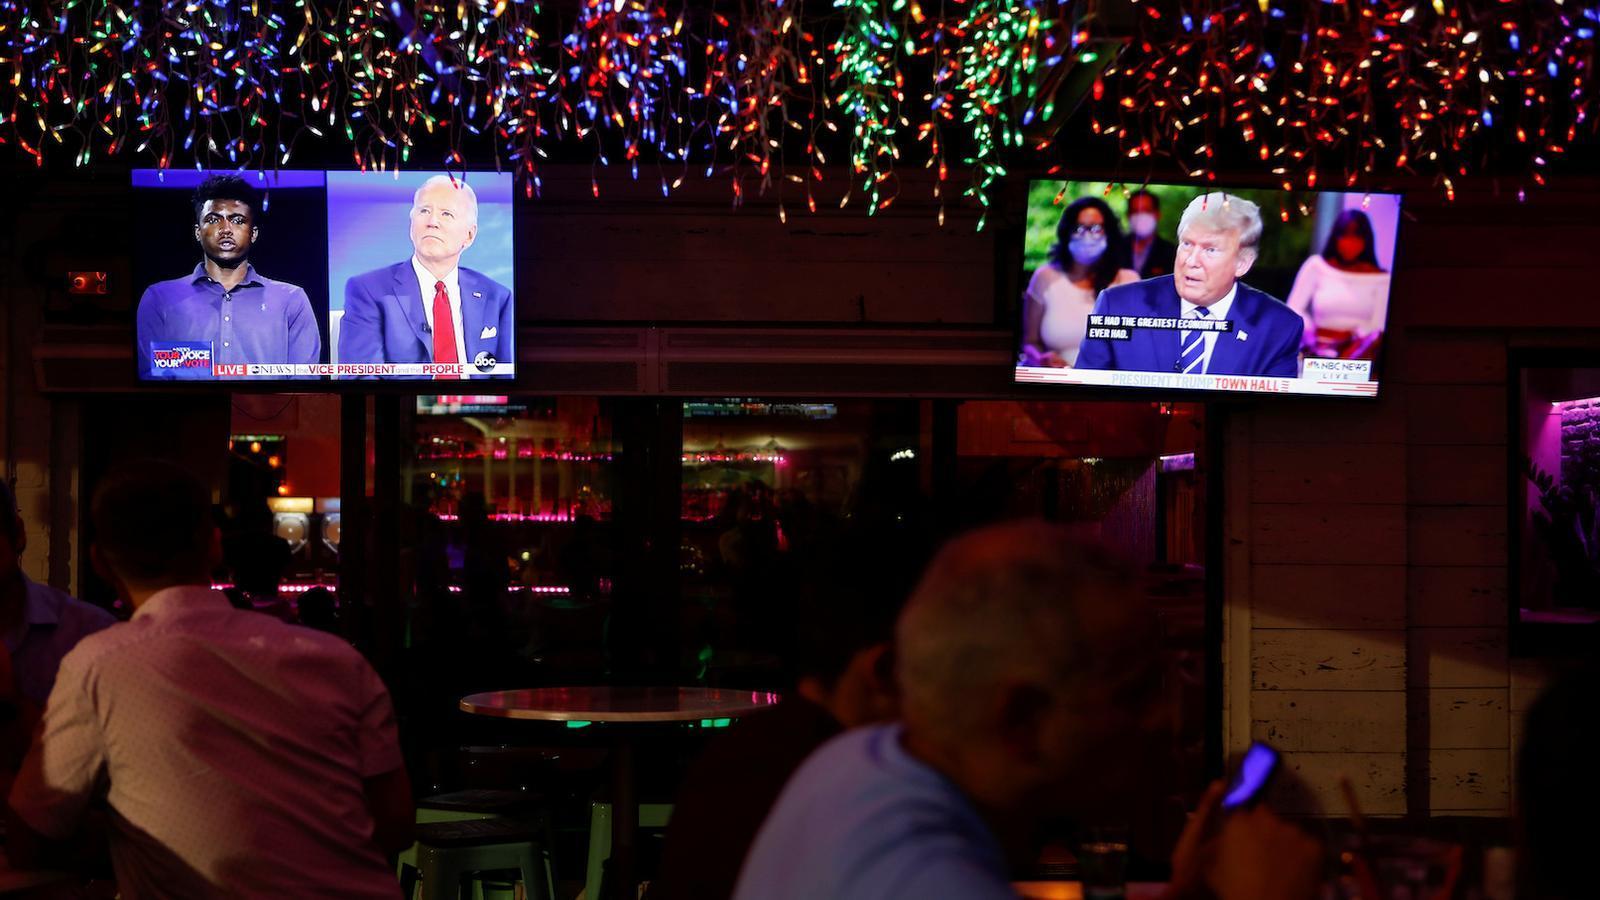 Els dos cara a cara amb votants que han fet Donald Trump i Joe Biden s'emeten en dues televisions alhora en un restaurant de Florida.